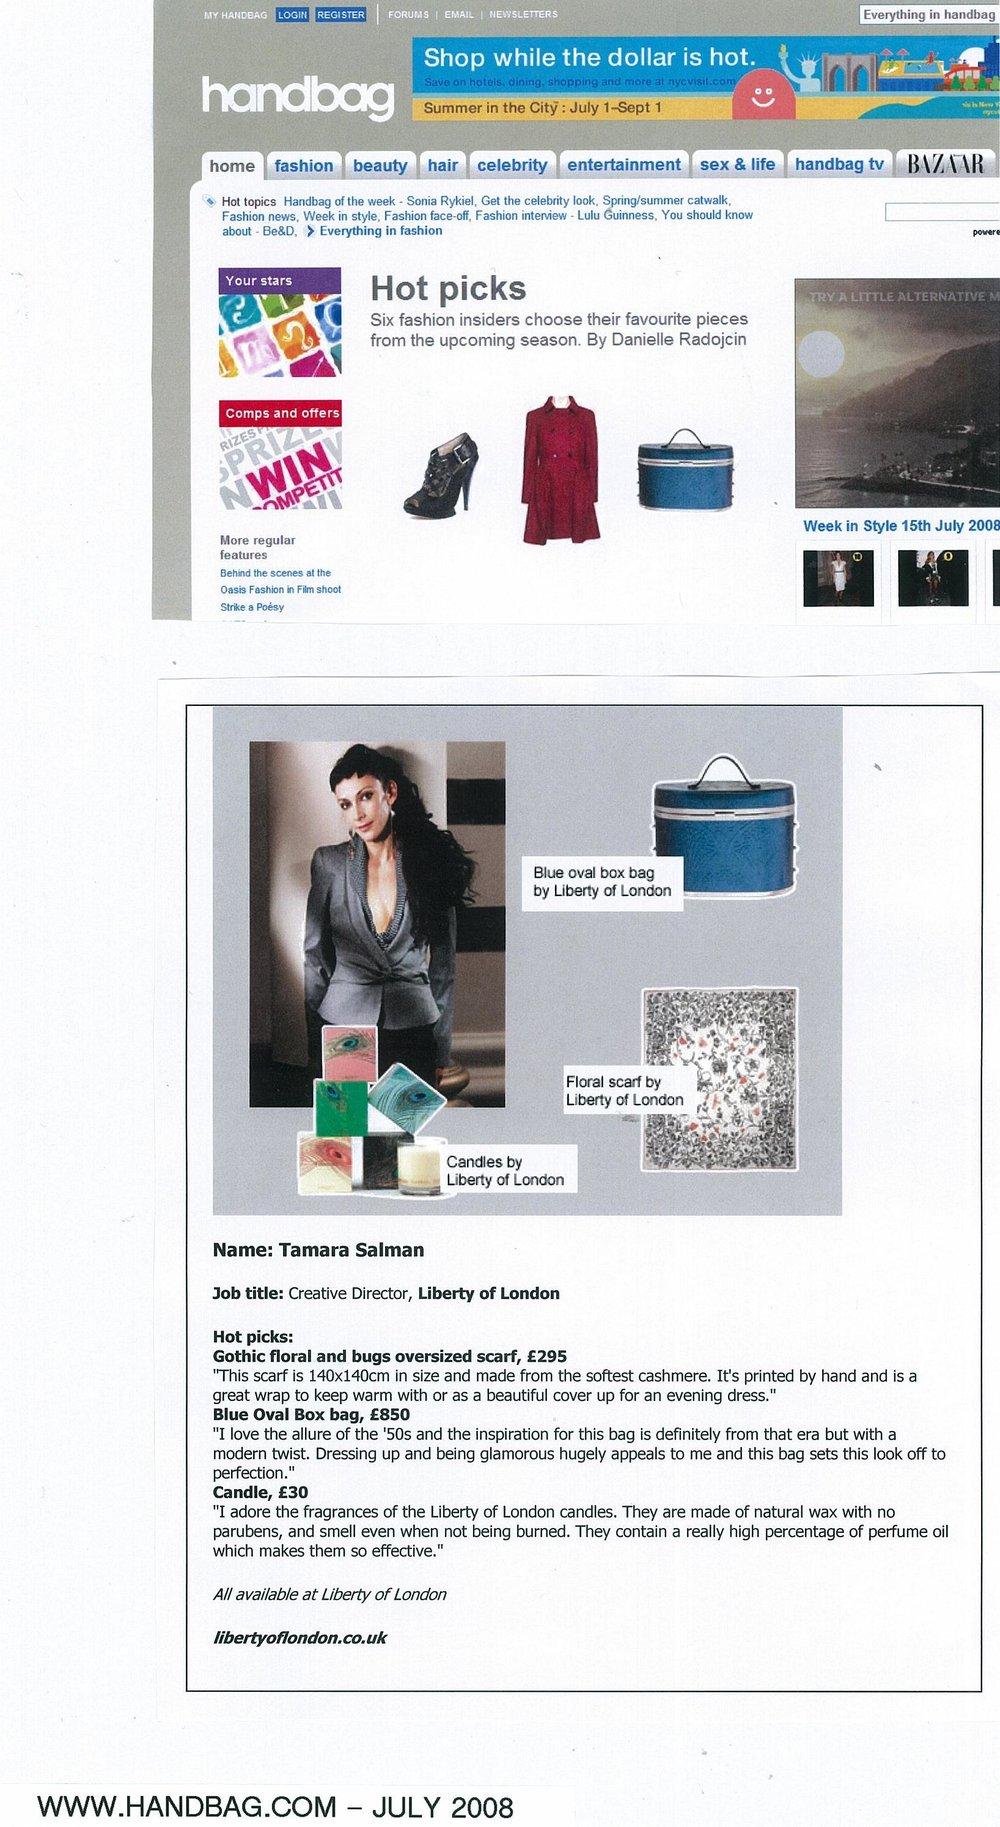 Handbag.com.jpg